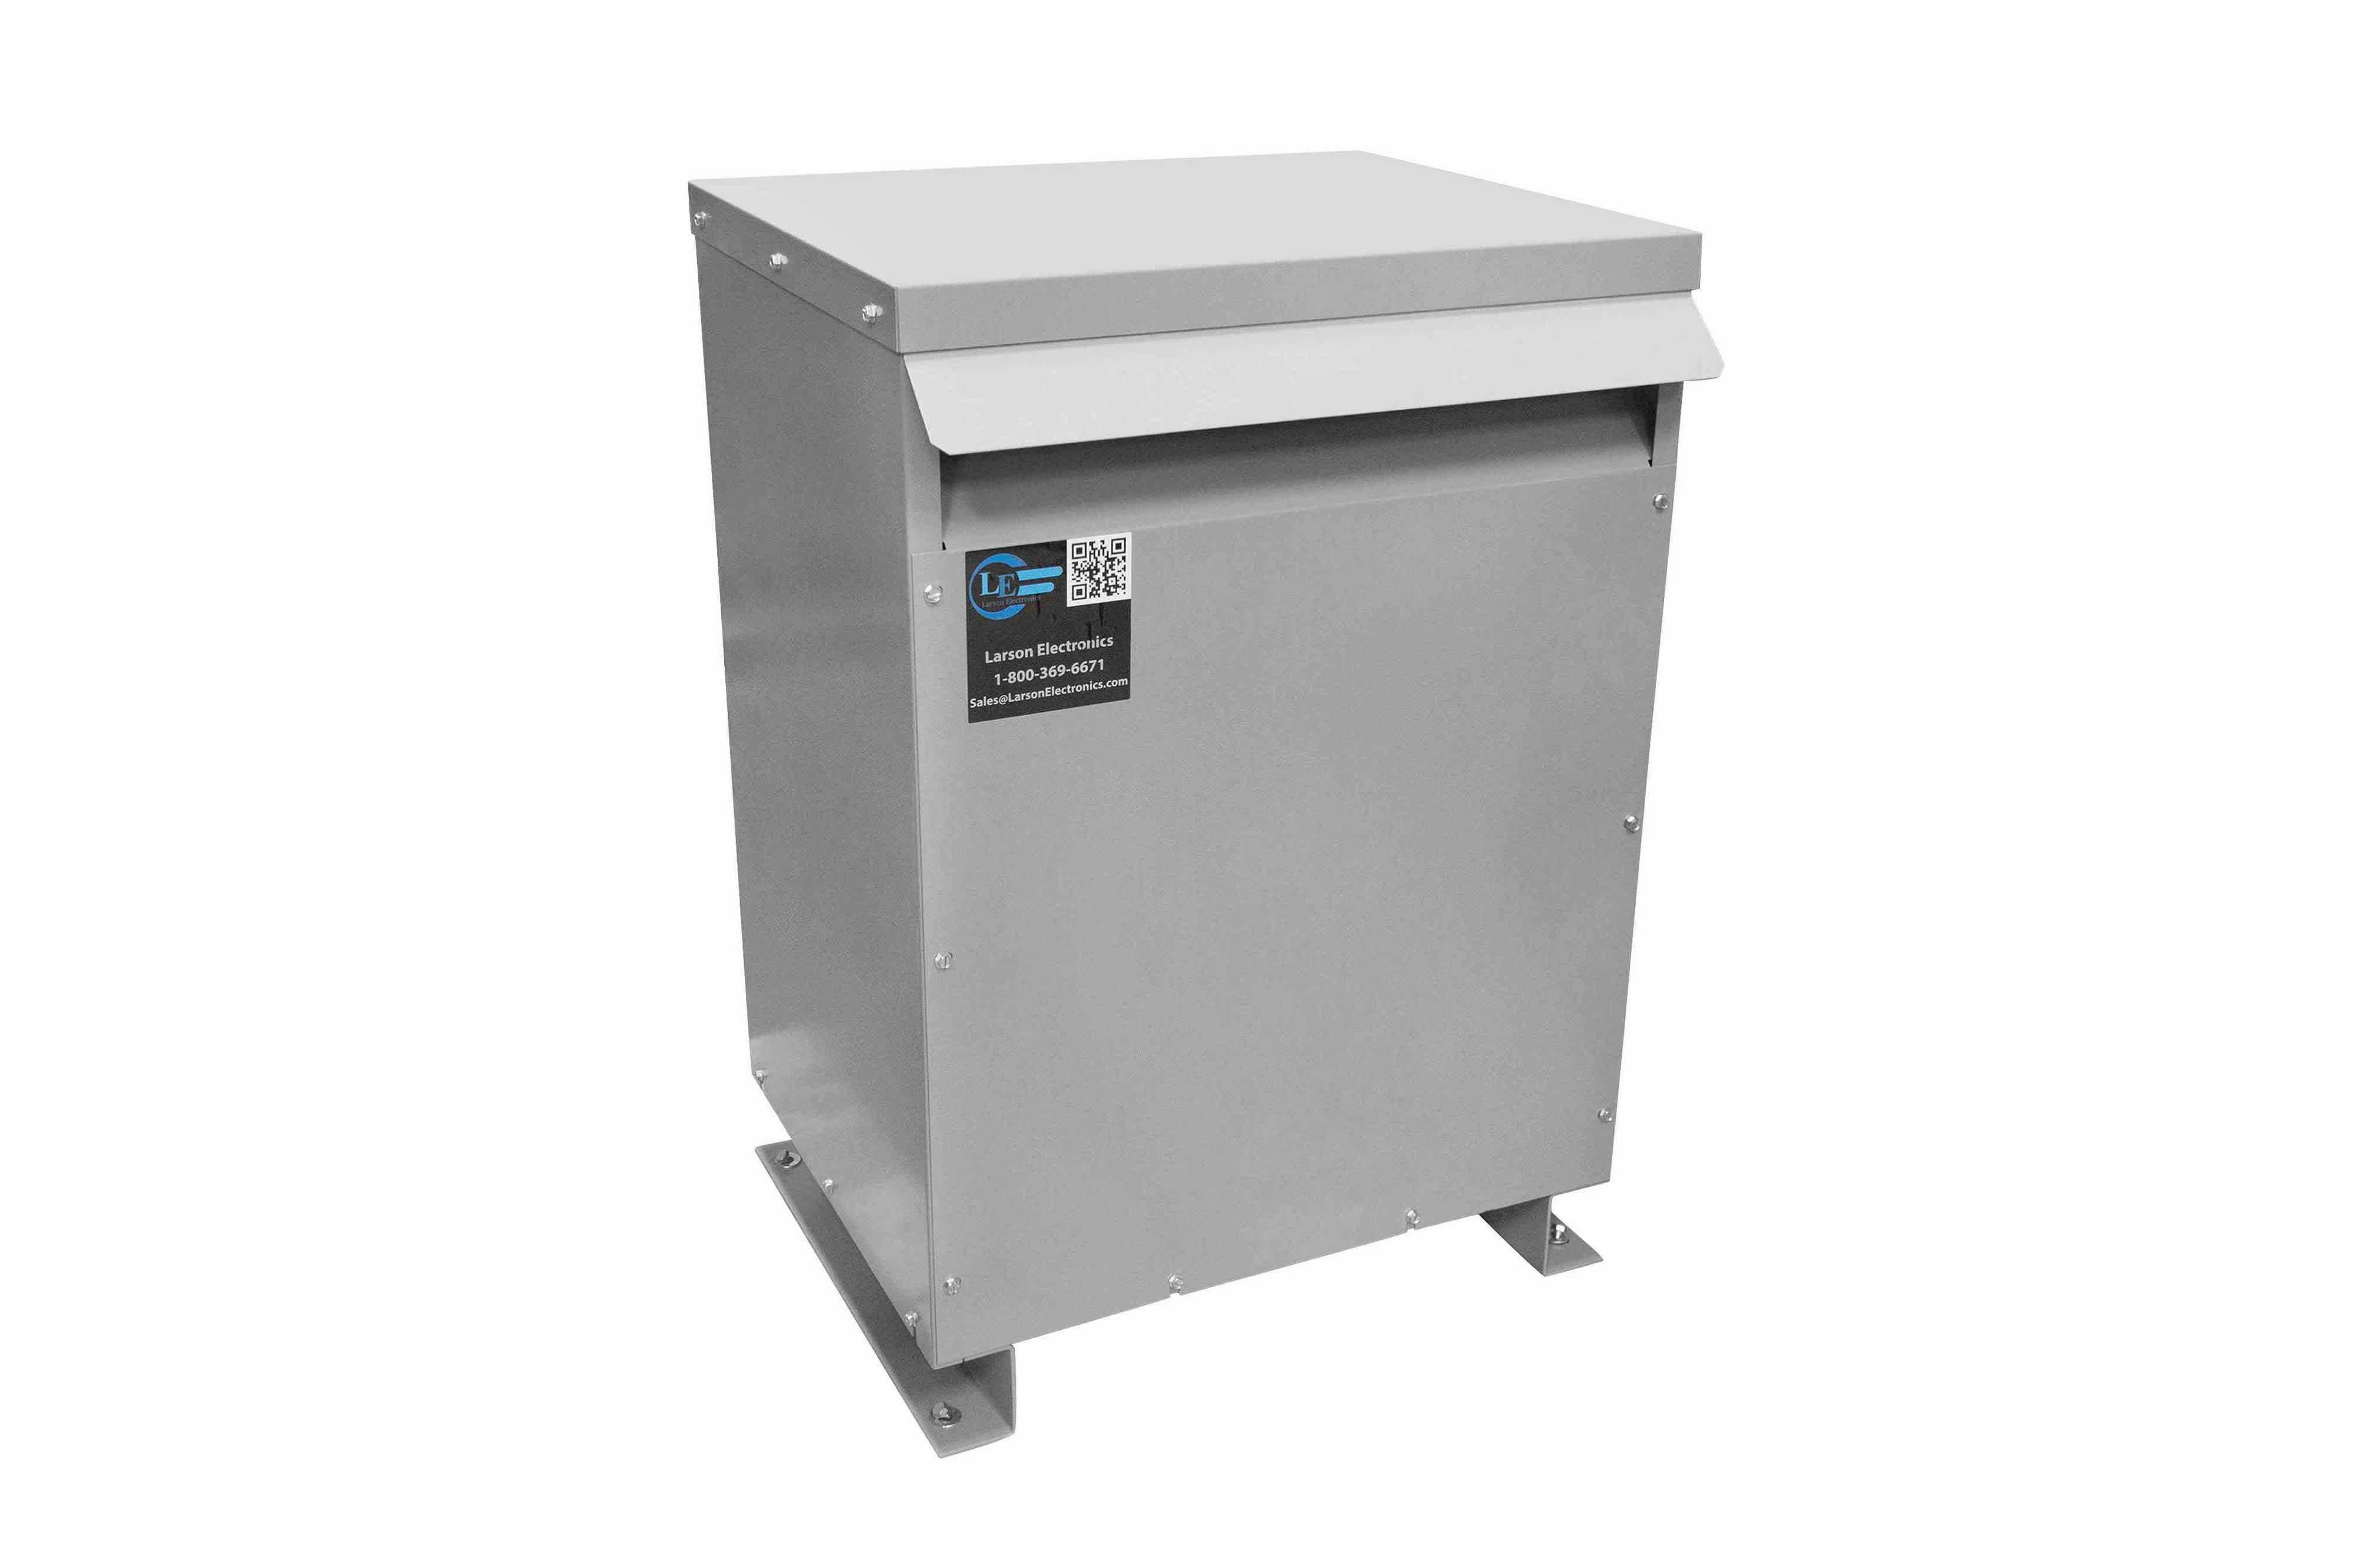 18 kVA 3PH Isolation Transformer, 400V Delta Primary, 480V Delta Secondary, N3R, Ventilated, 60 Hz